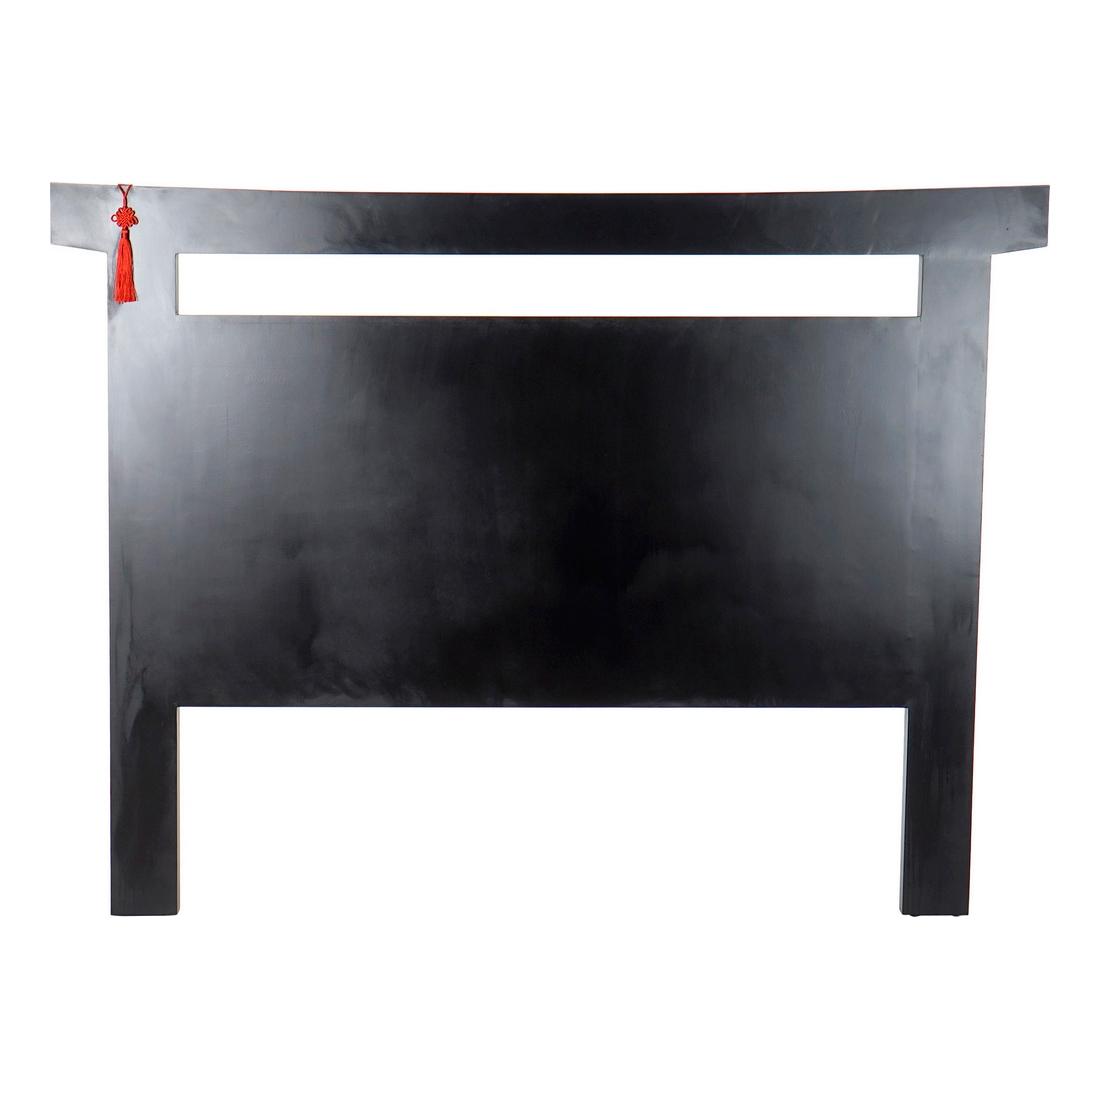 Headboard DKD Home Decor Fir MDF Wood (160 x 4 x 120 cm)